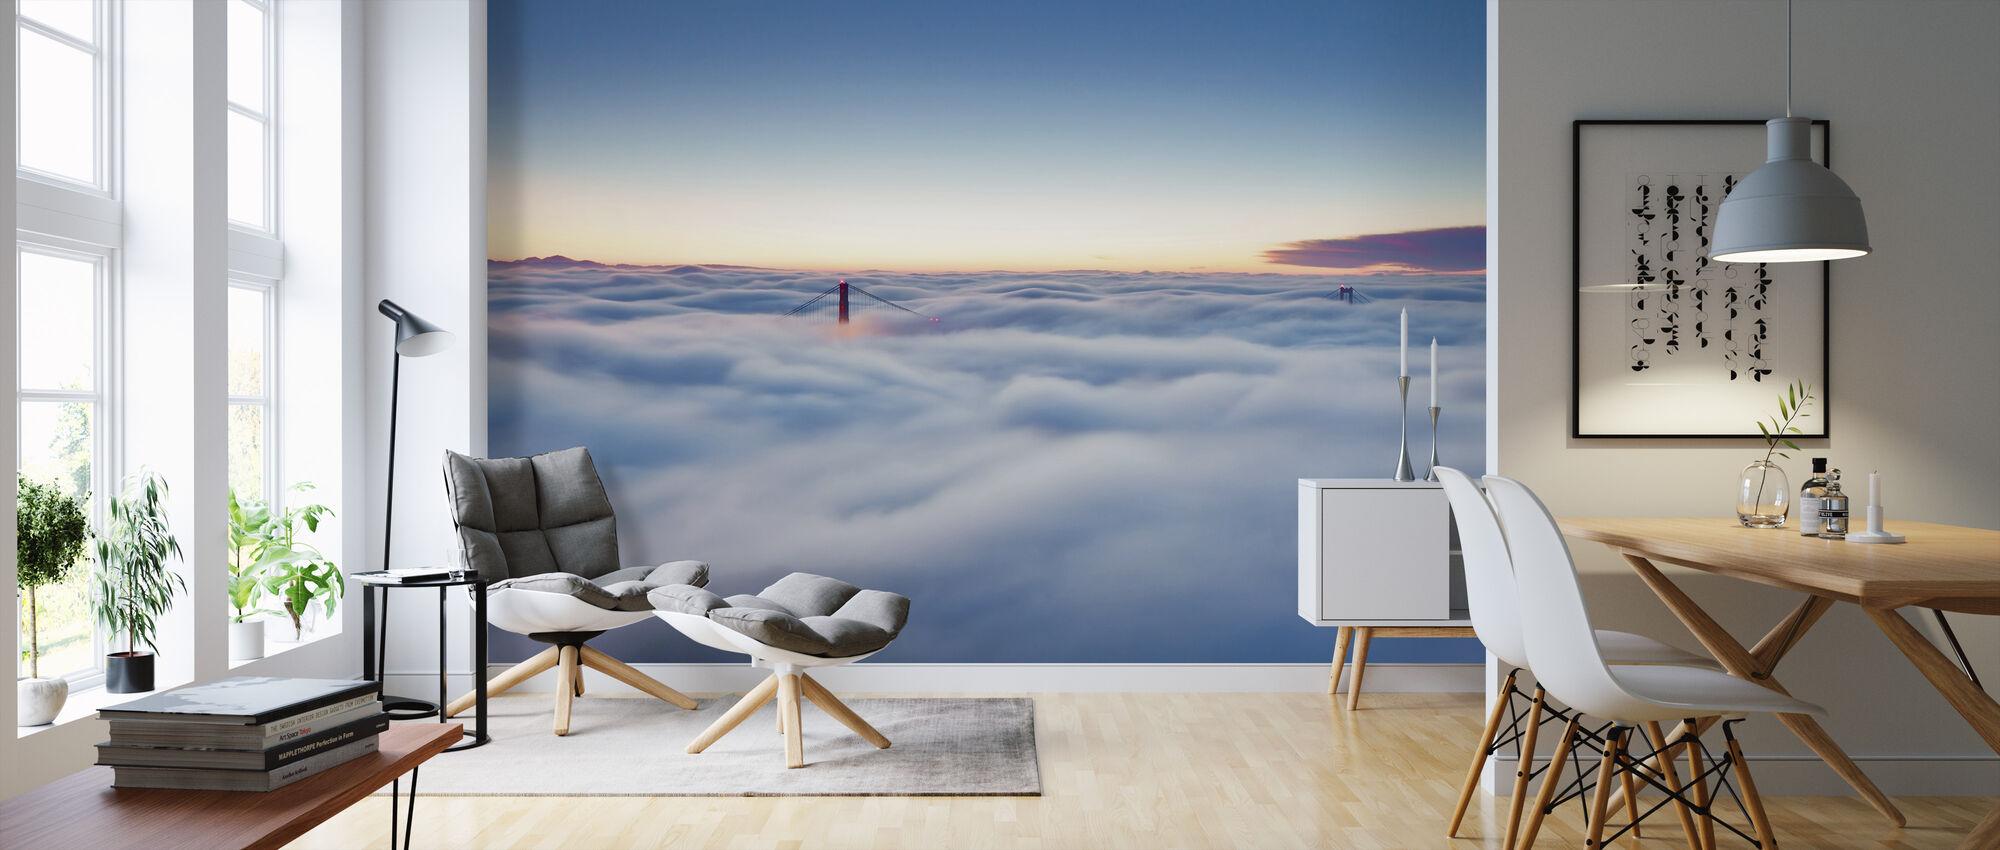 Sumu San Franciscon yllä - Tapetti - Olohuone